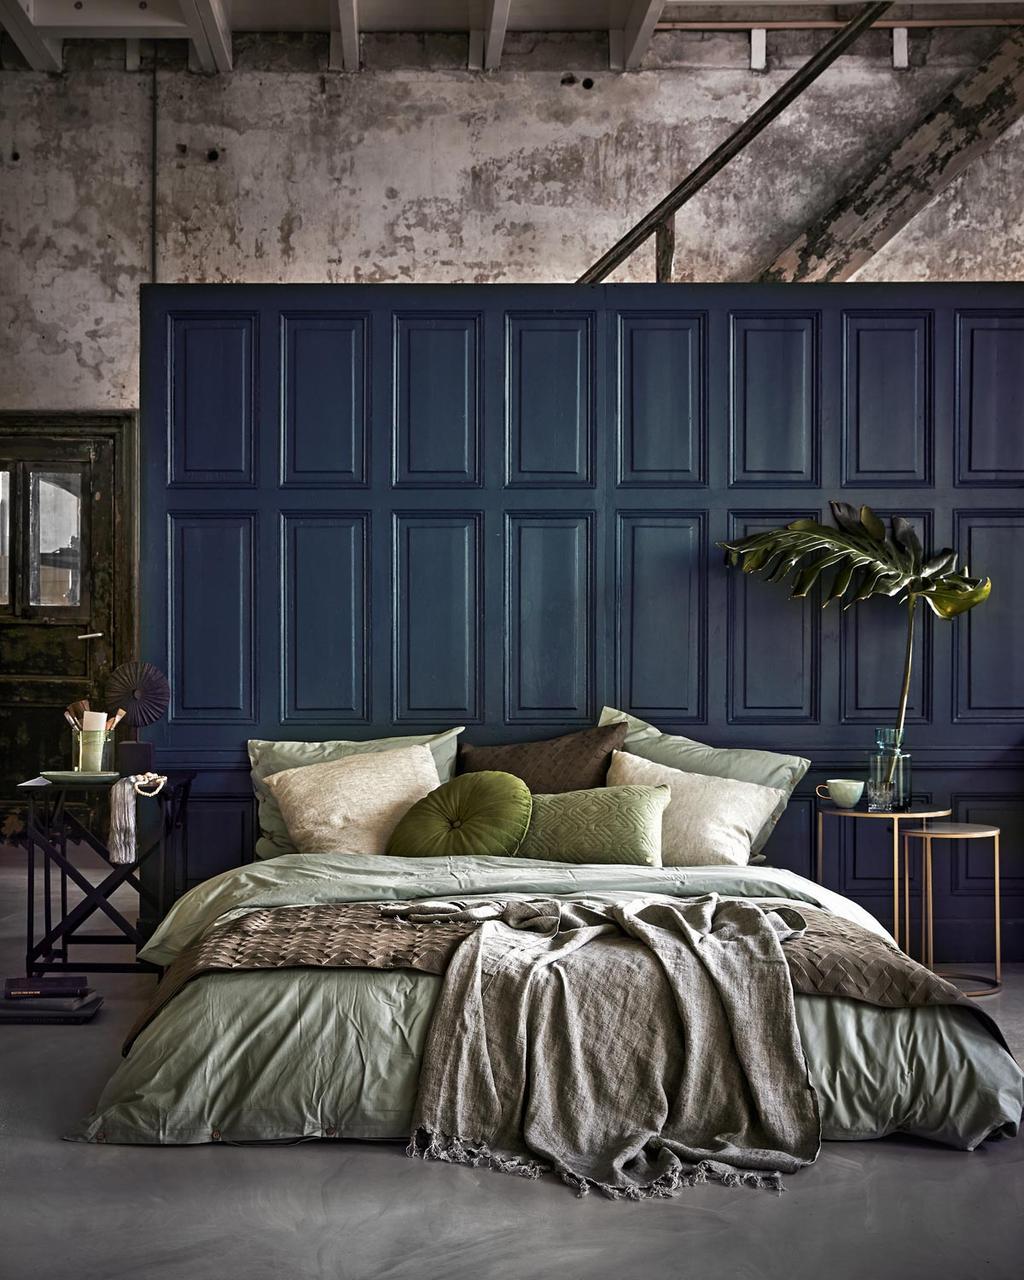 Een slaapkamer met donkere wand en linnen lakens